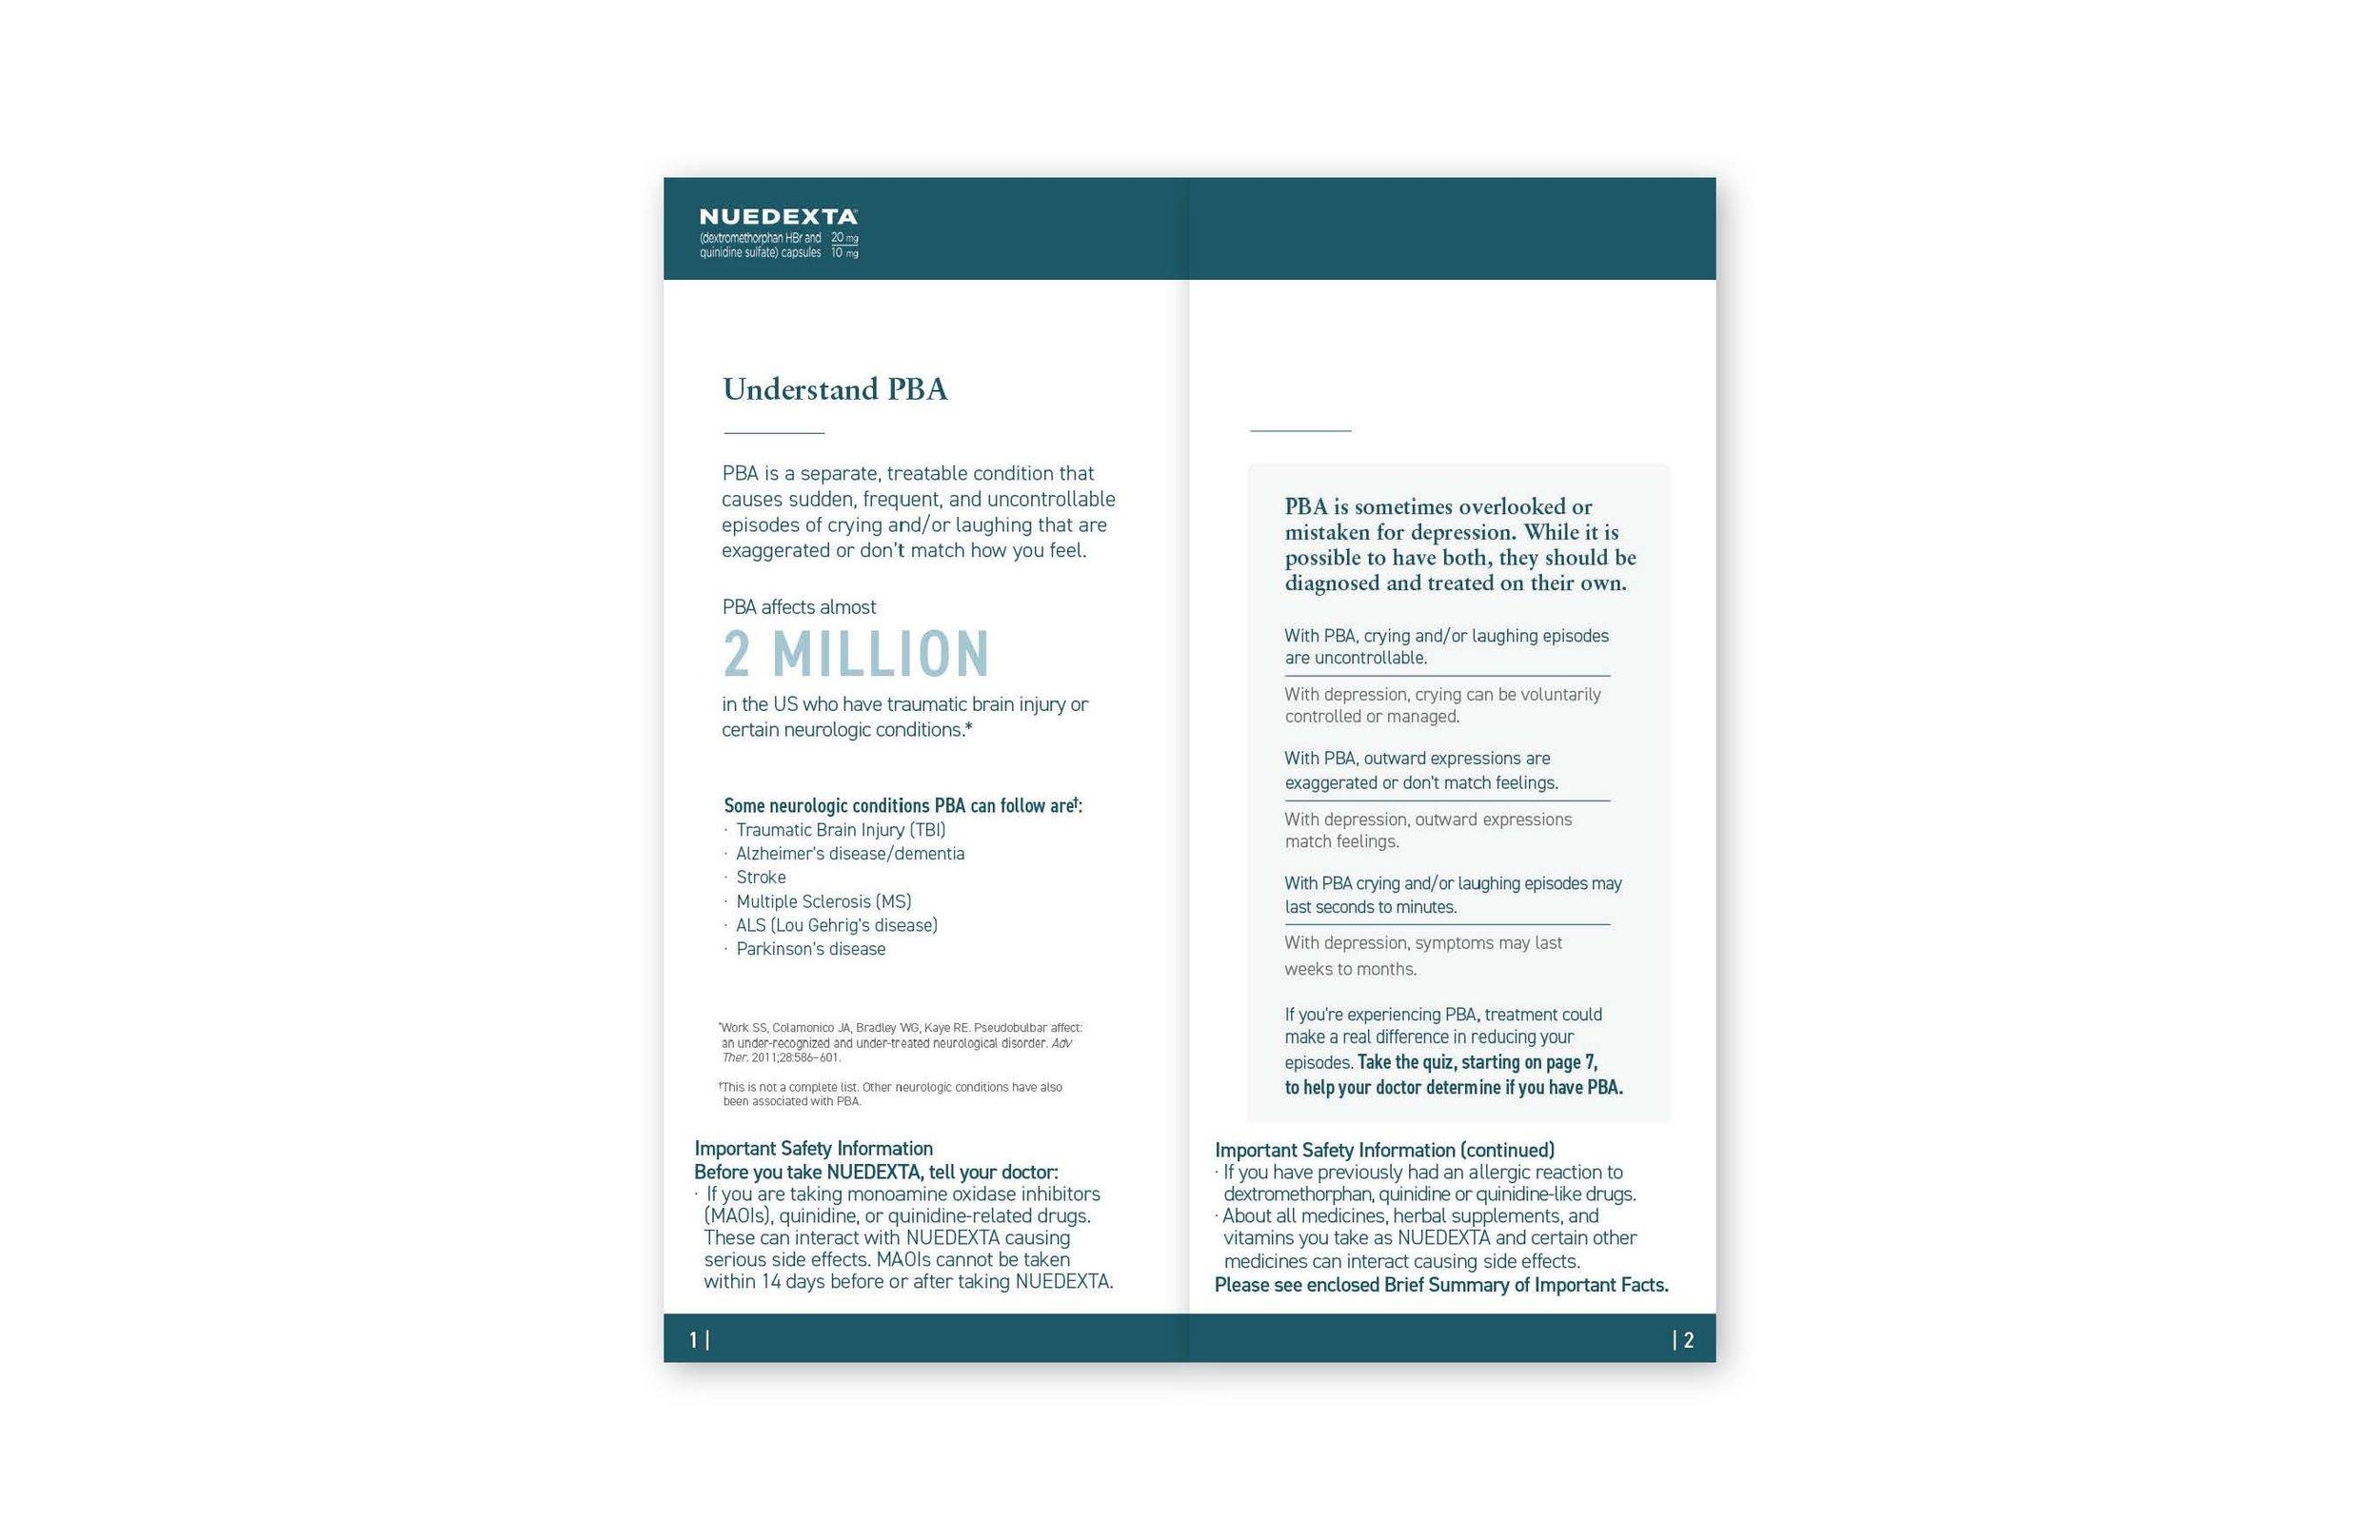 Nuedexta-Brochure-R4JPEG_Page_04.jpg